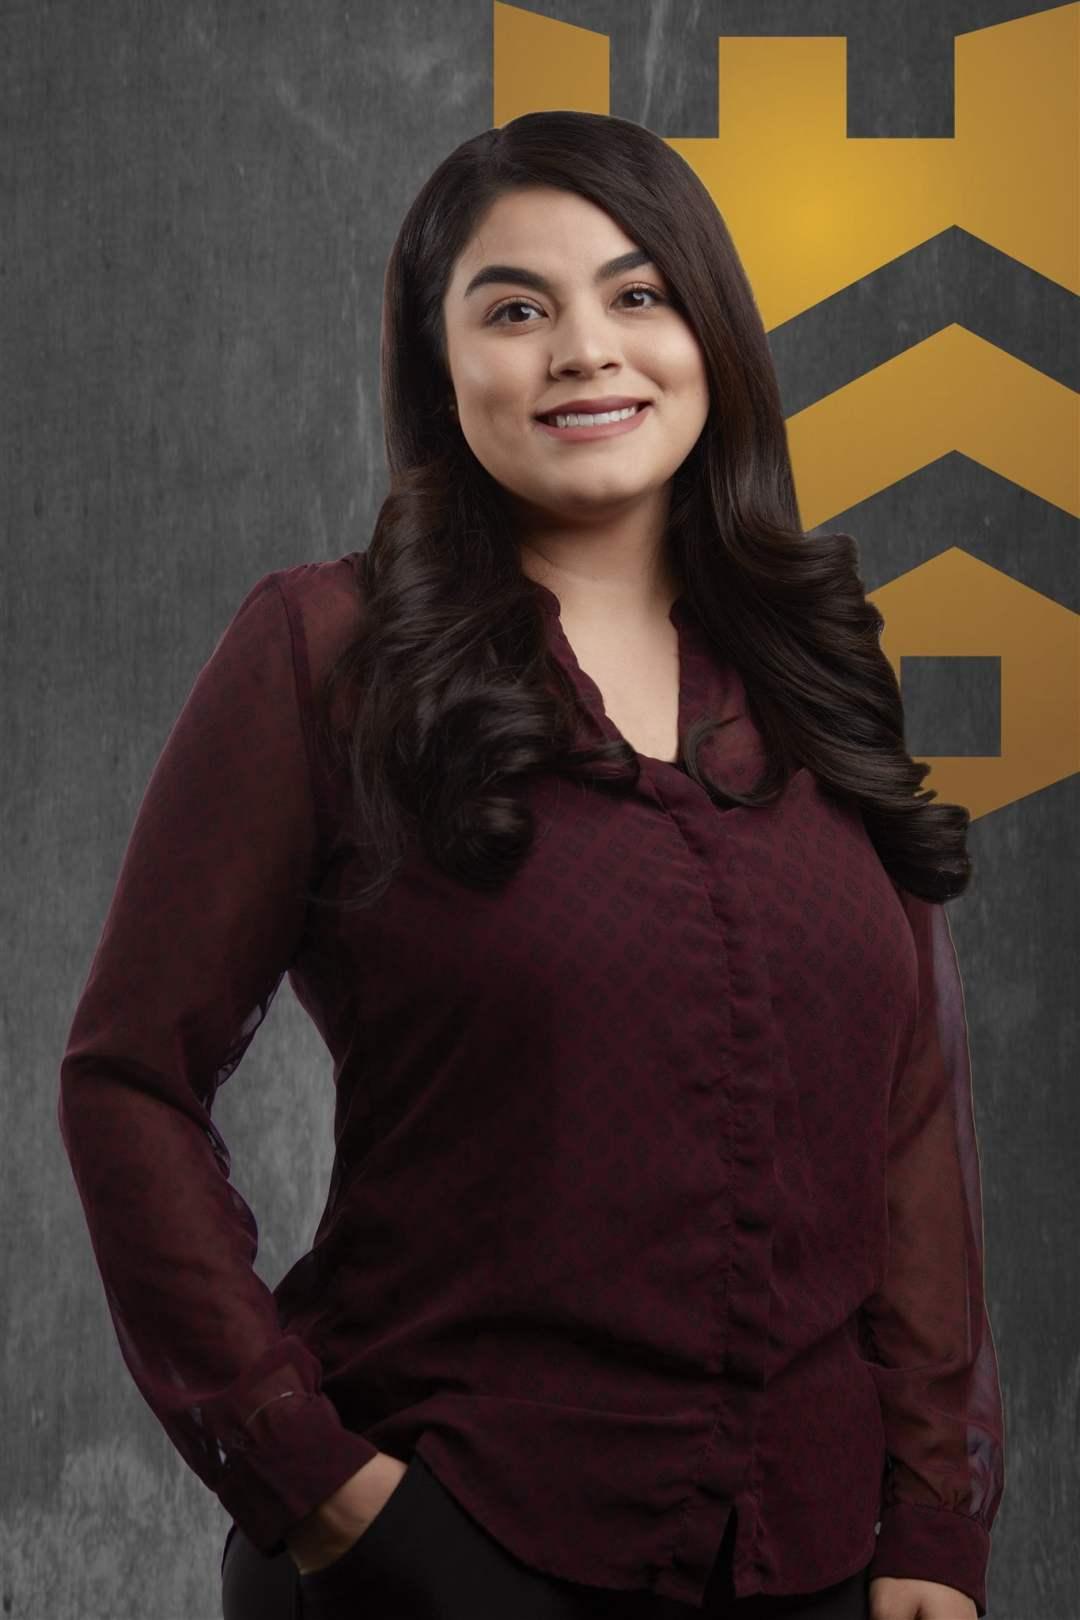 Marissa Valdez